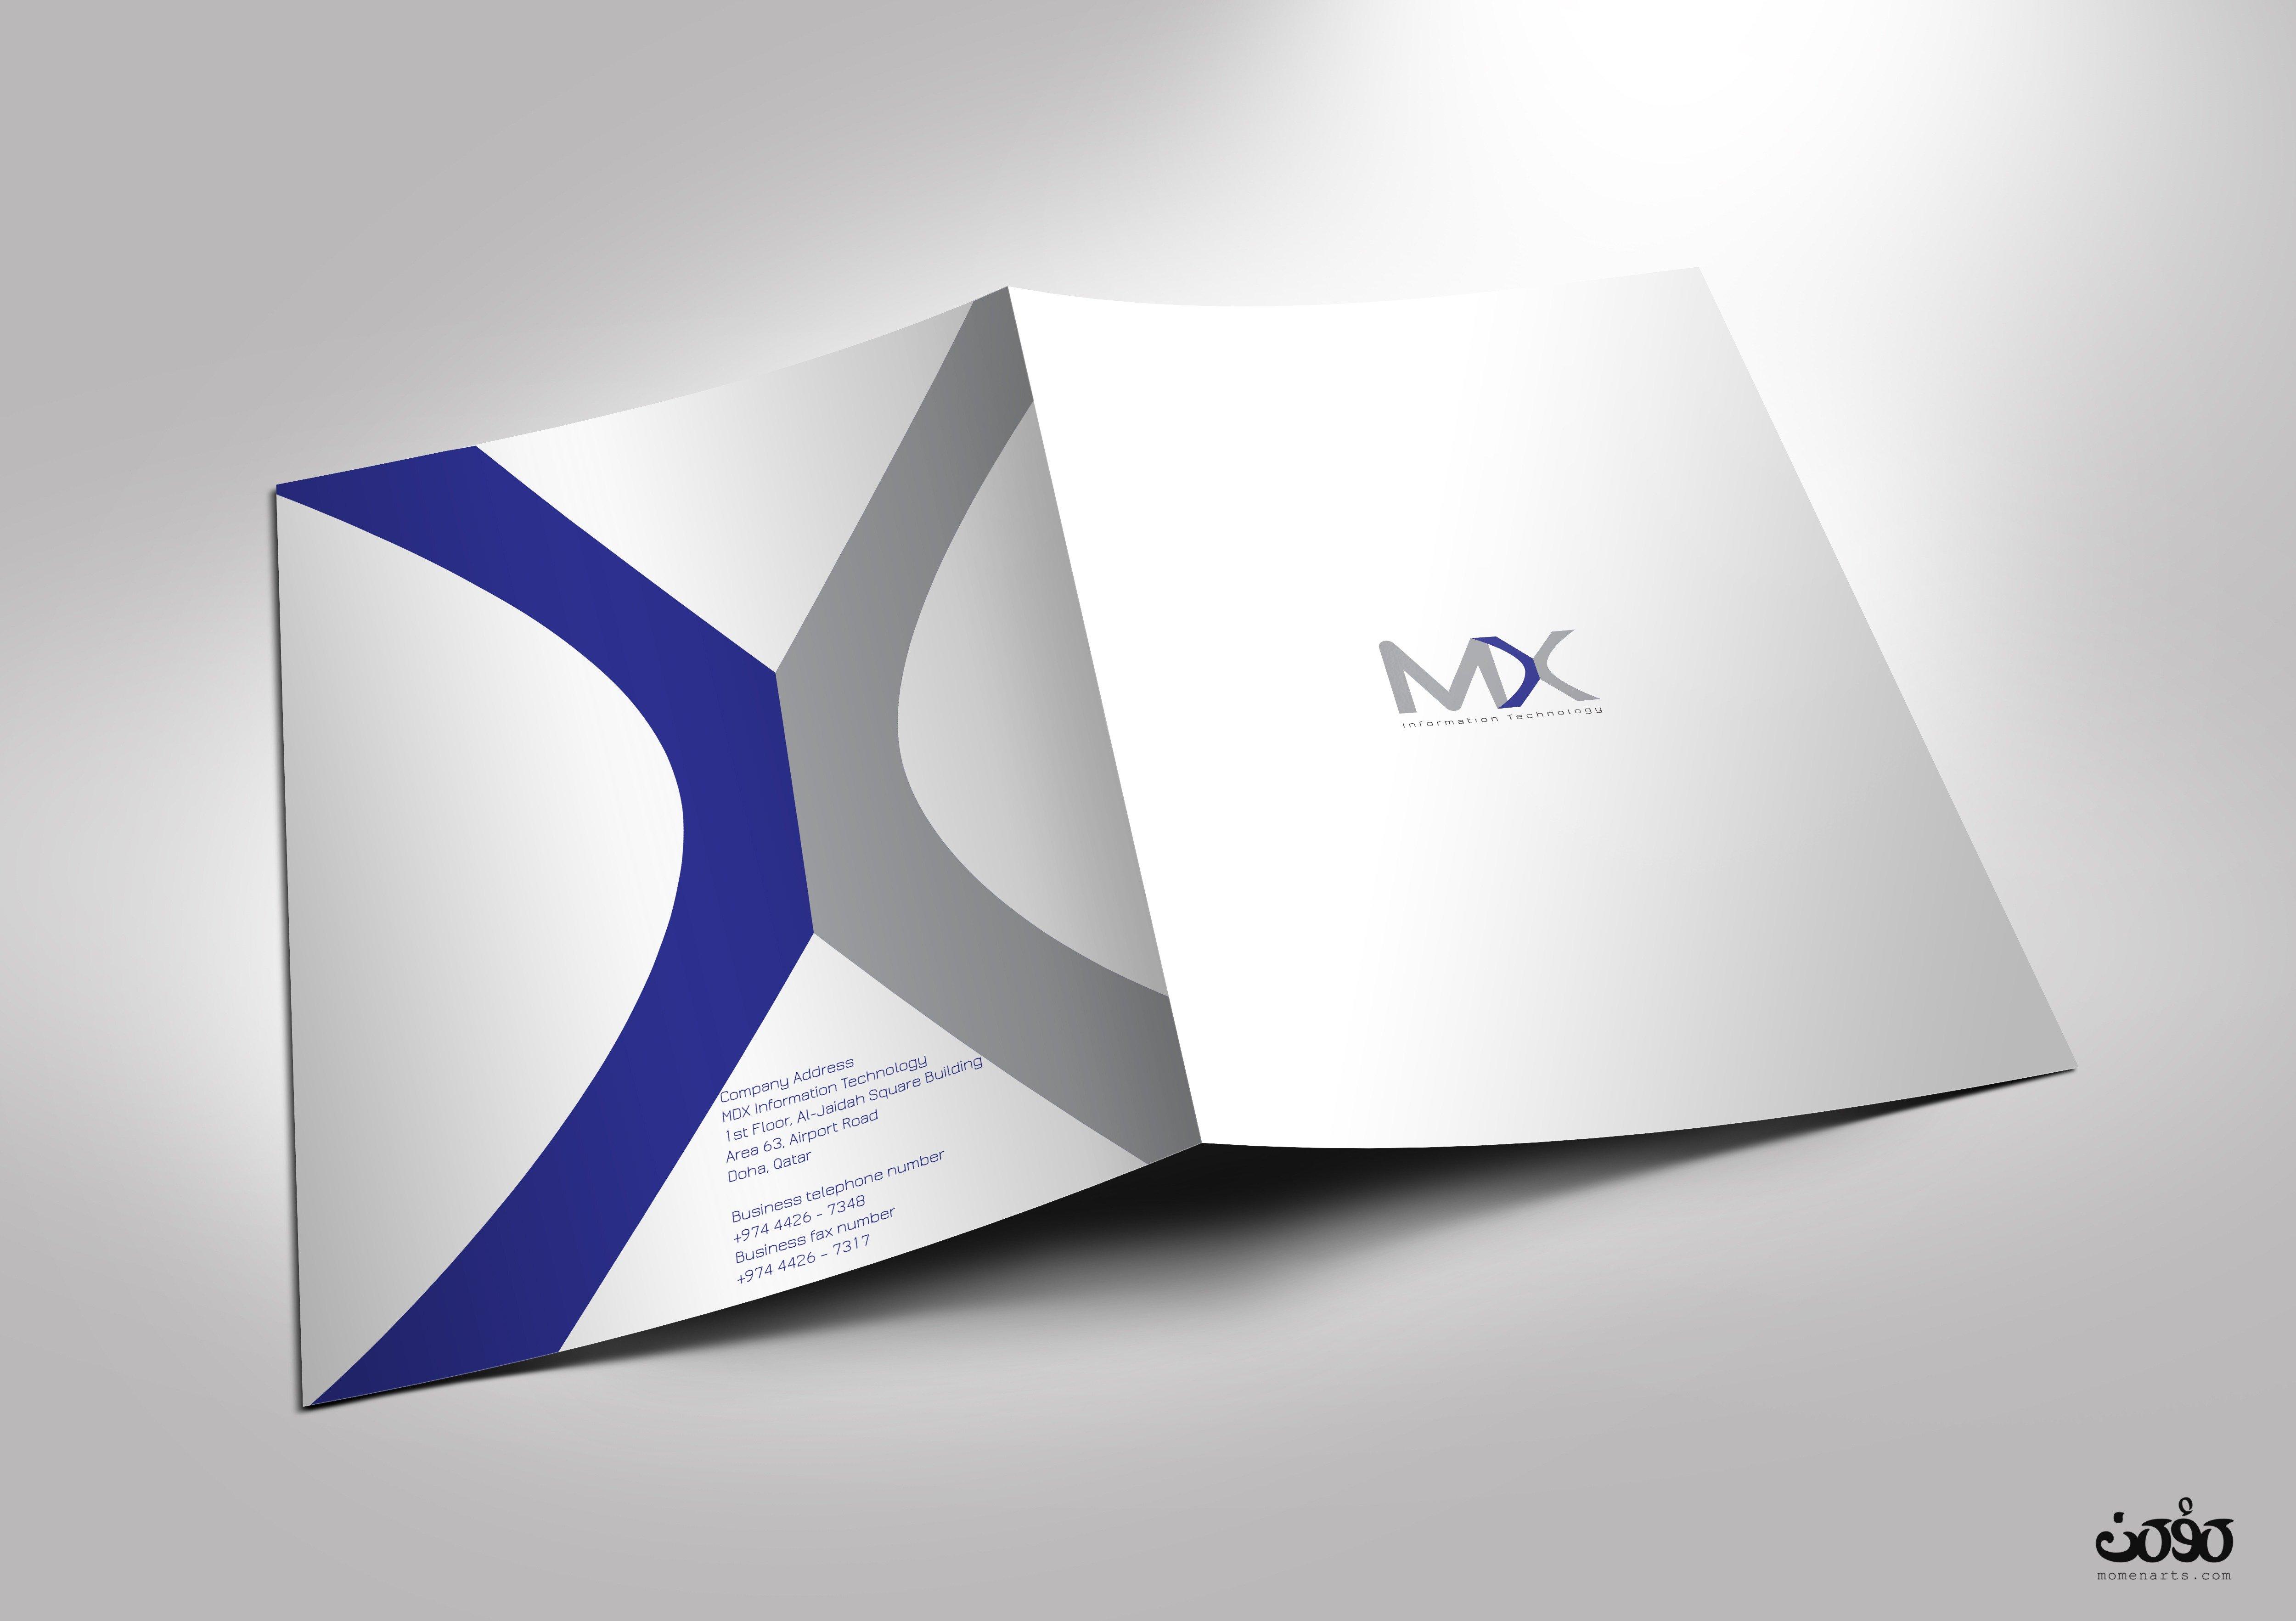 mdxit company profile cover